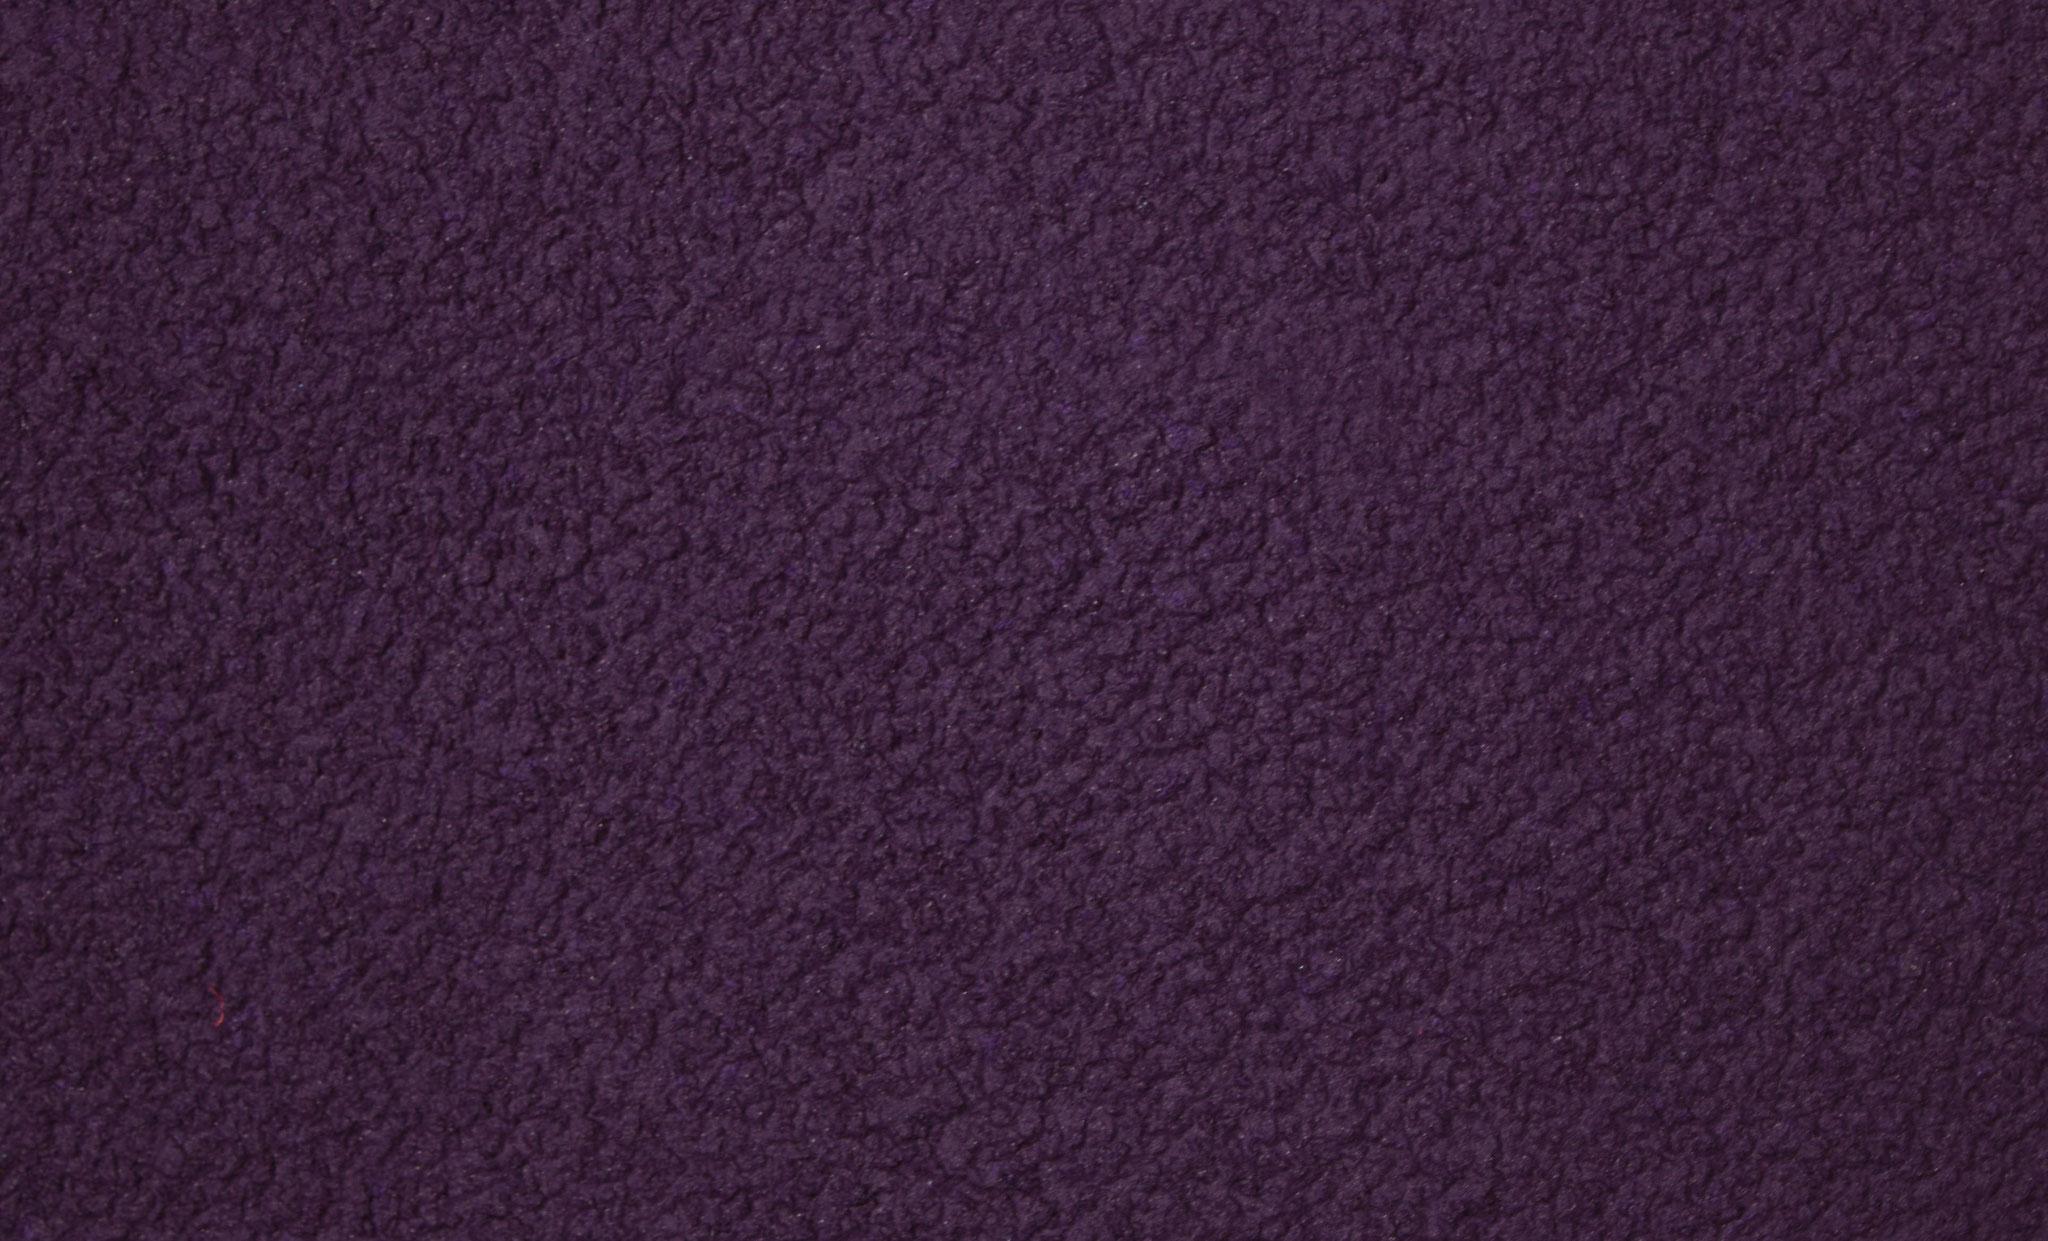 Colorado Violett